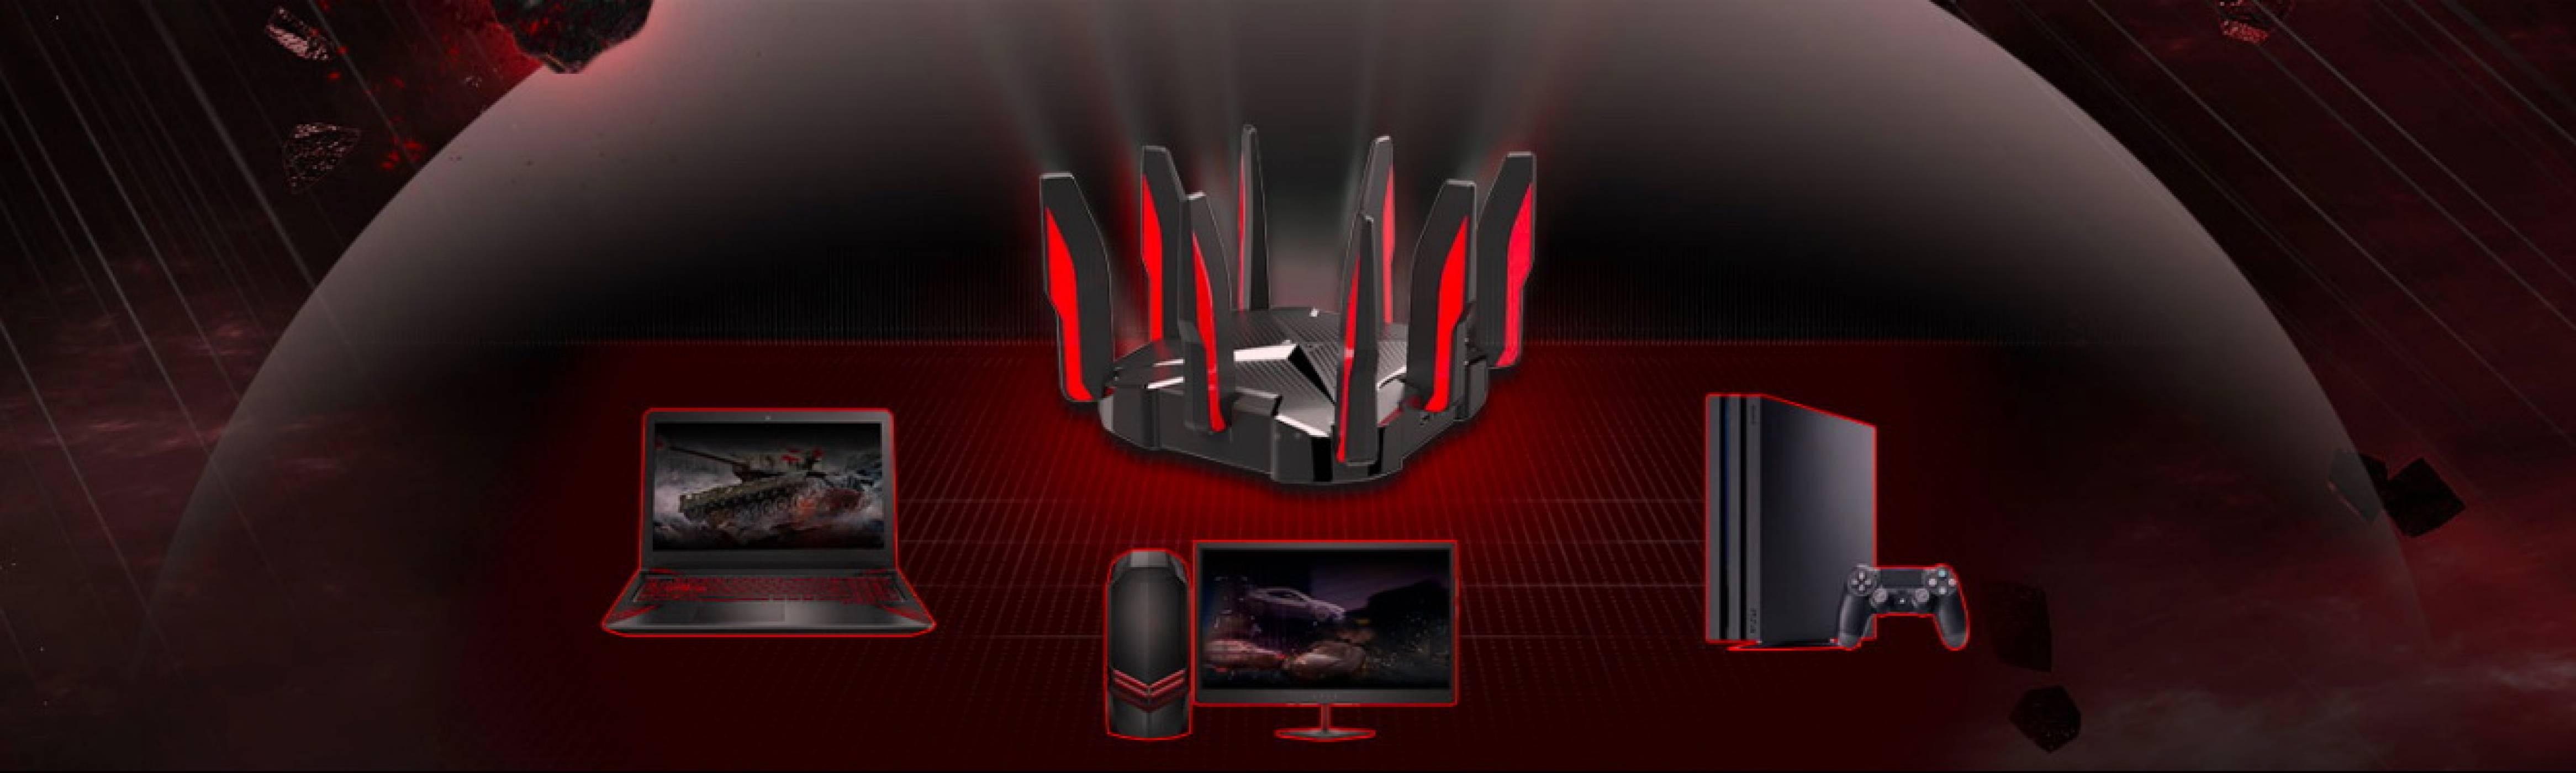 TP-Link Archer GX90 – мощен, но достъпен WiFi 6 рутер за феновете на видеоигрите (РЕВЮ)